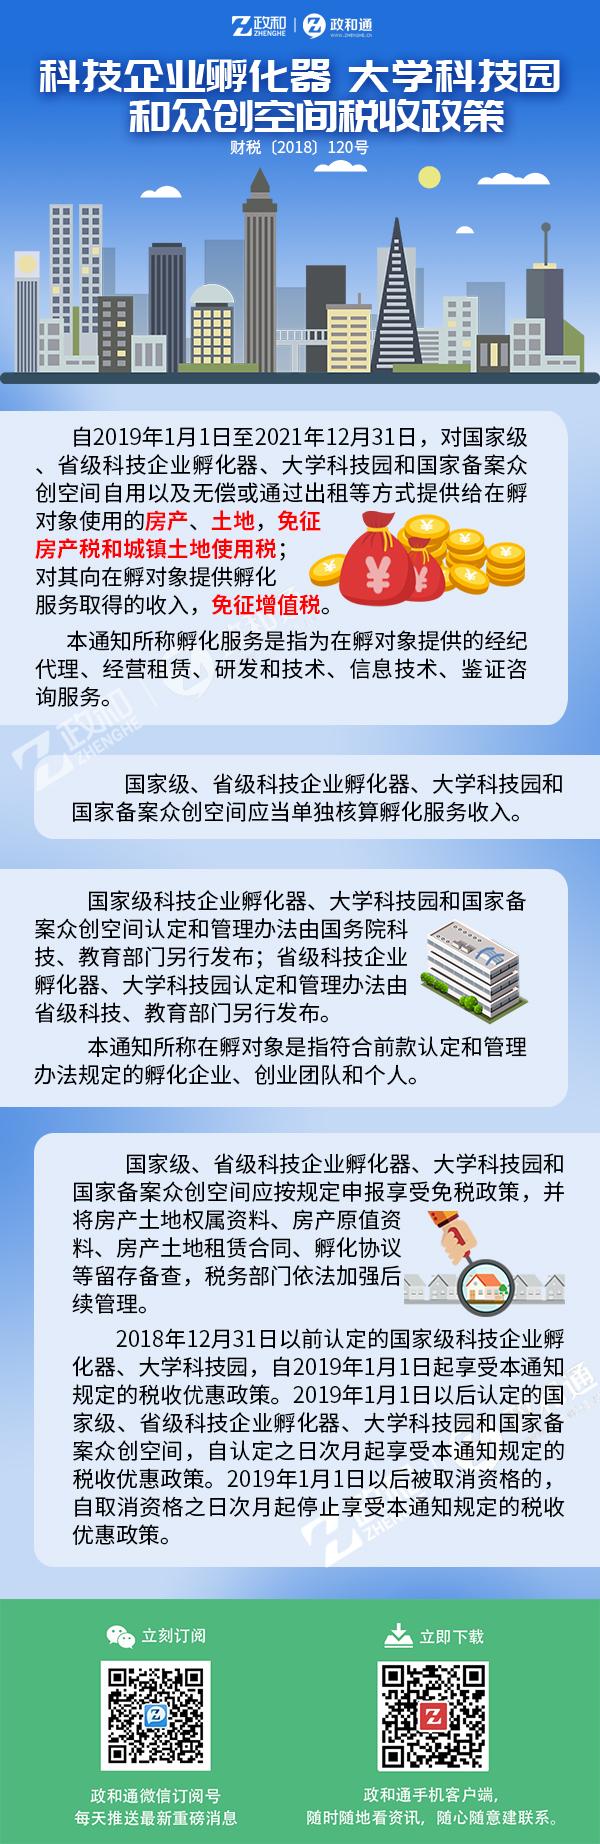 关于科技企业孵化器 大学科技园和众创空间税收政策的通知2.jpg